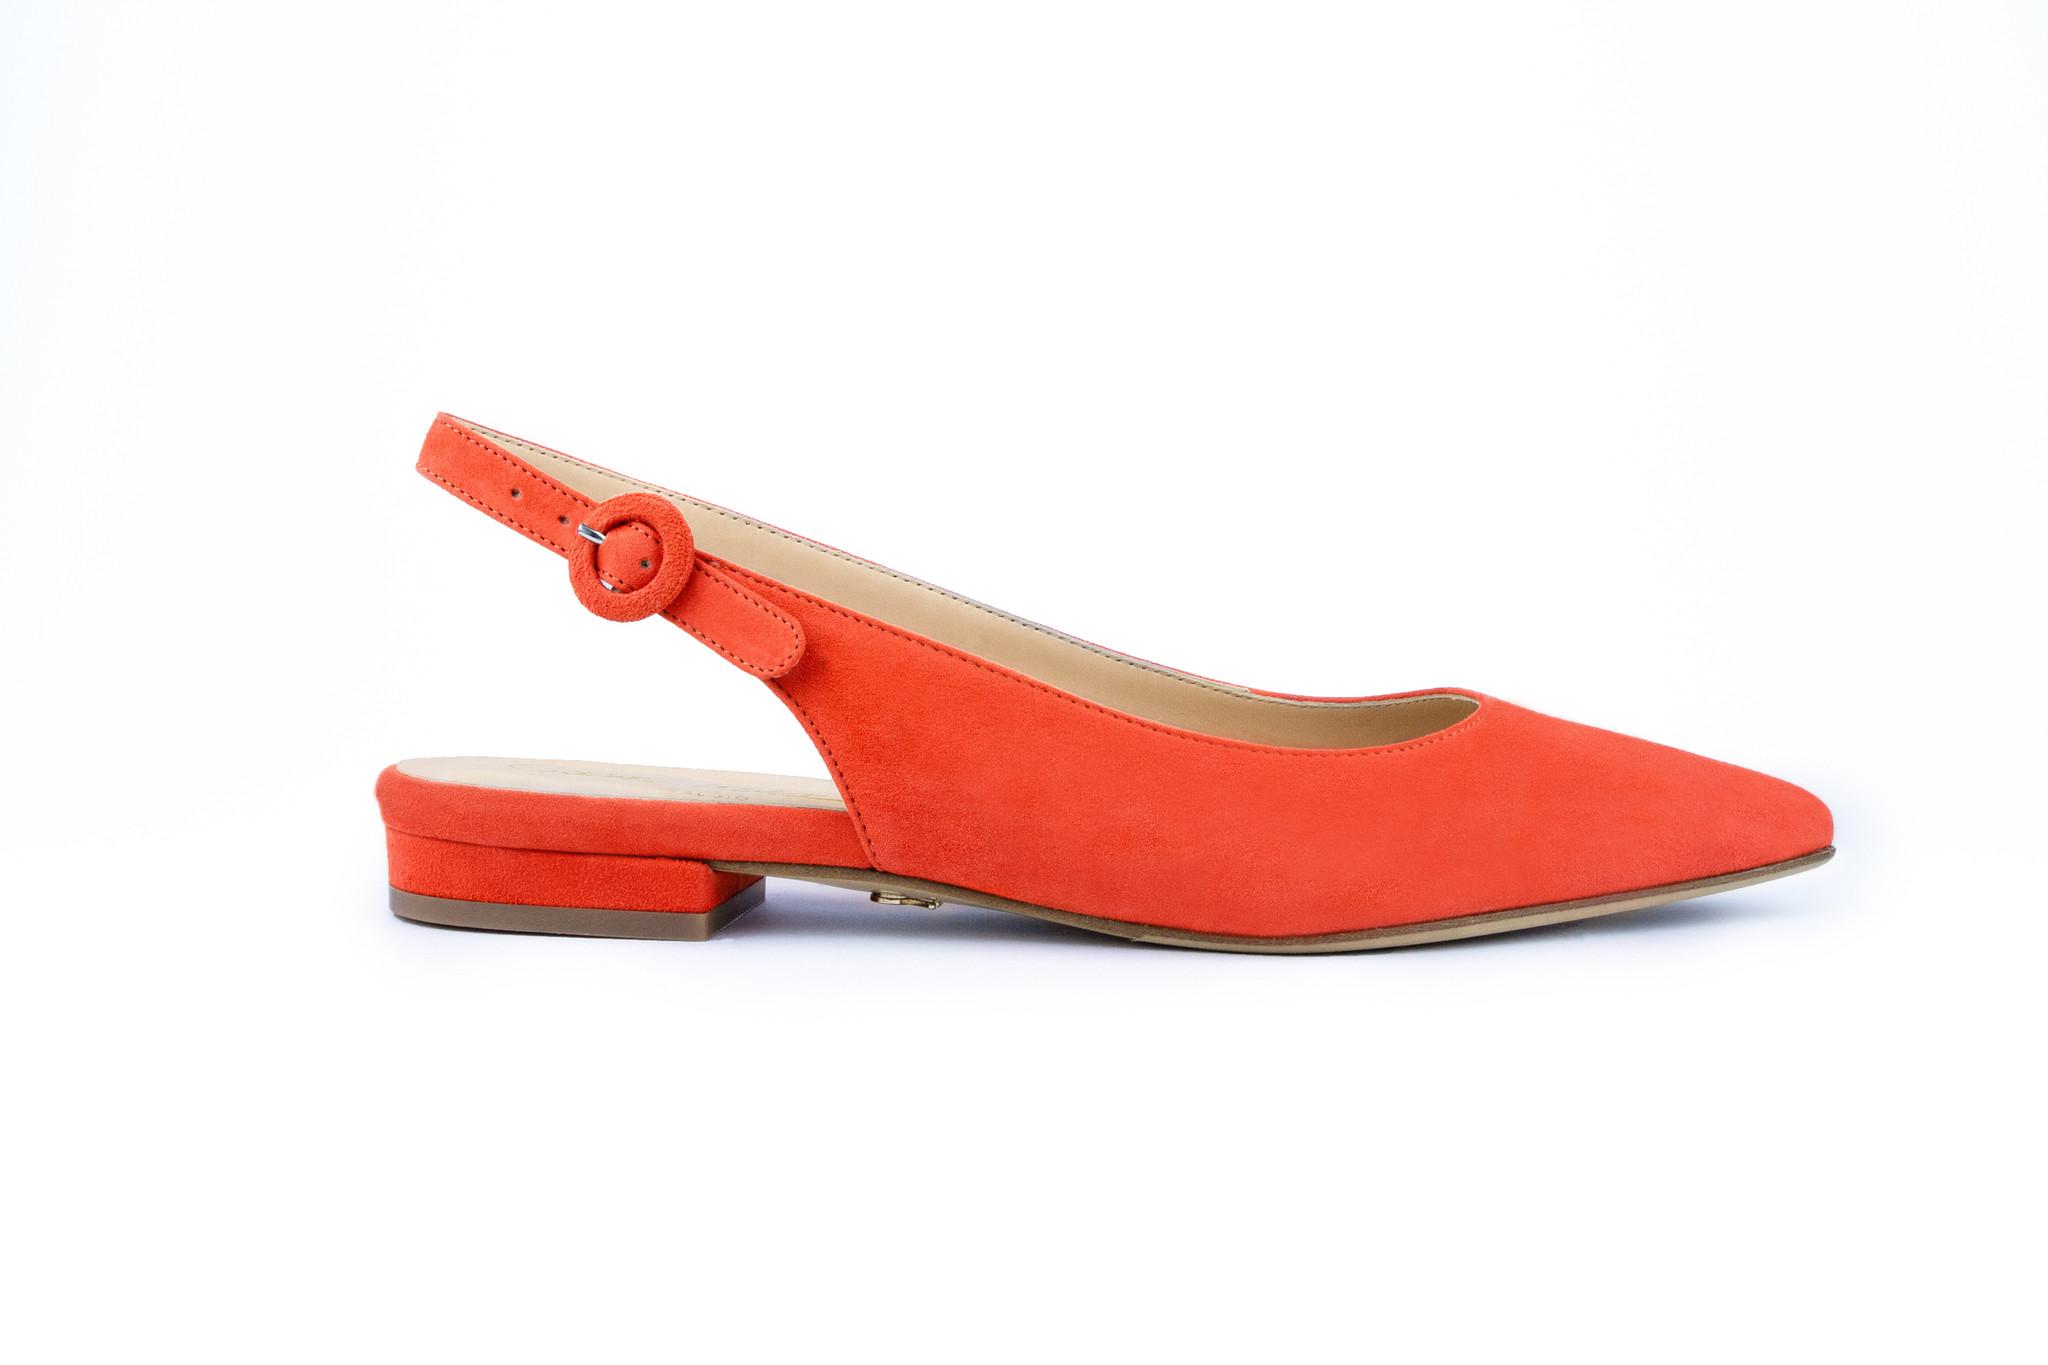 Oranje platte sandalen met blokhak Cara Rosa